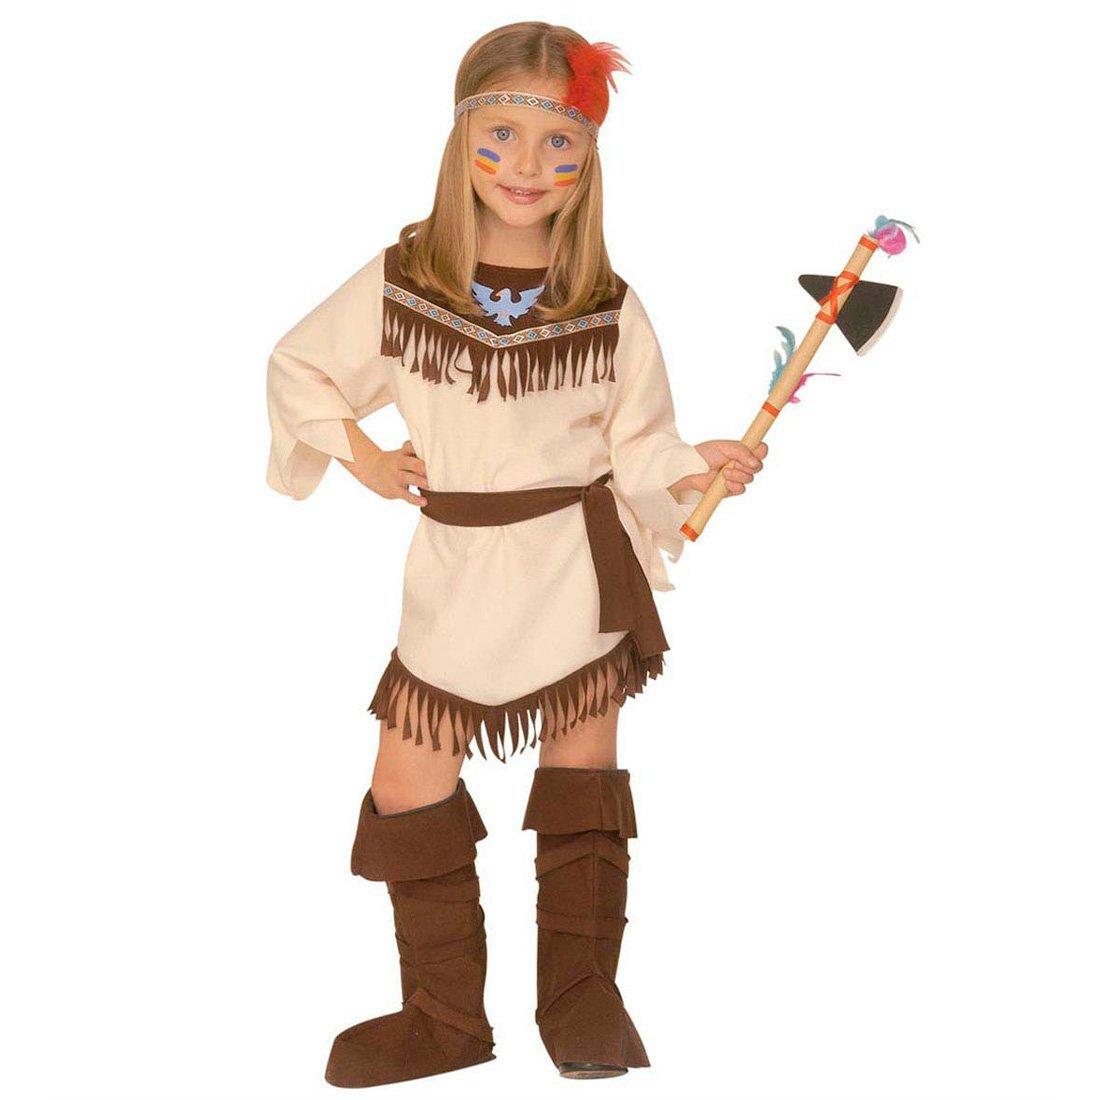 Populaire Déguisement Indienne Squaw Costume Pour Enfant Pocahontas Costume  VG22